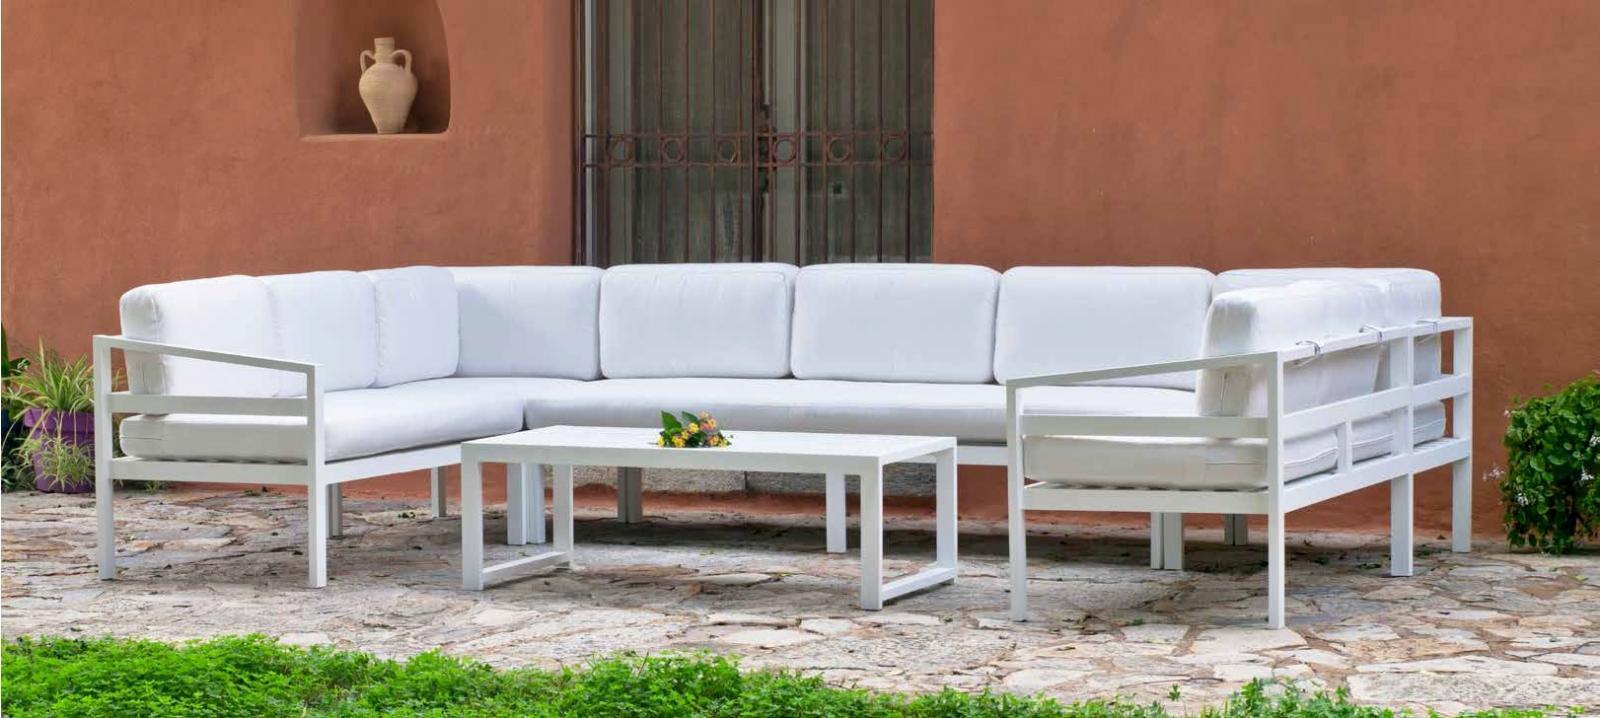 Set Rinconera Athenas 99 - Set Rinconera Athenas 99, se fabrica en una amplia gama de colores: Blanco o Antracita y las tapicerías son también seleccionables en calidad de tejido y color o estampado.